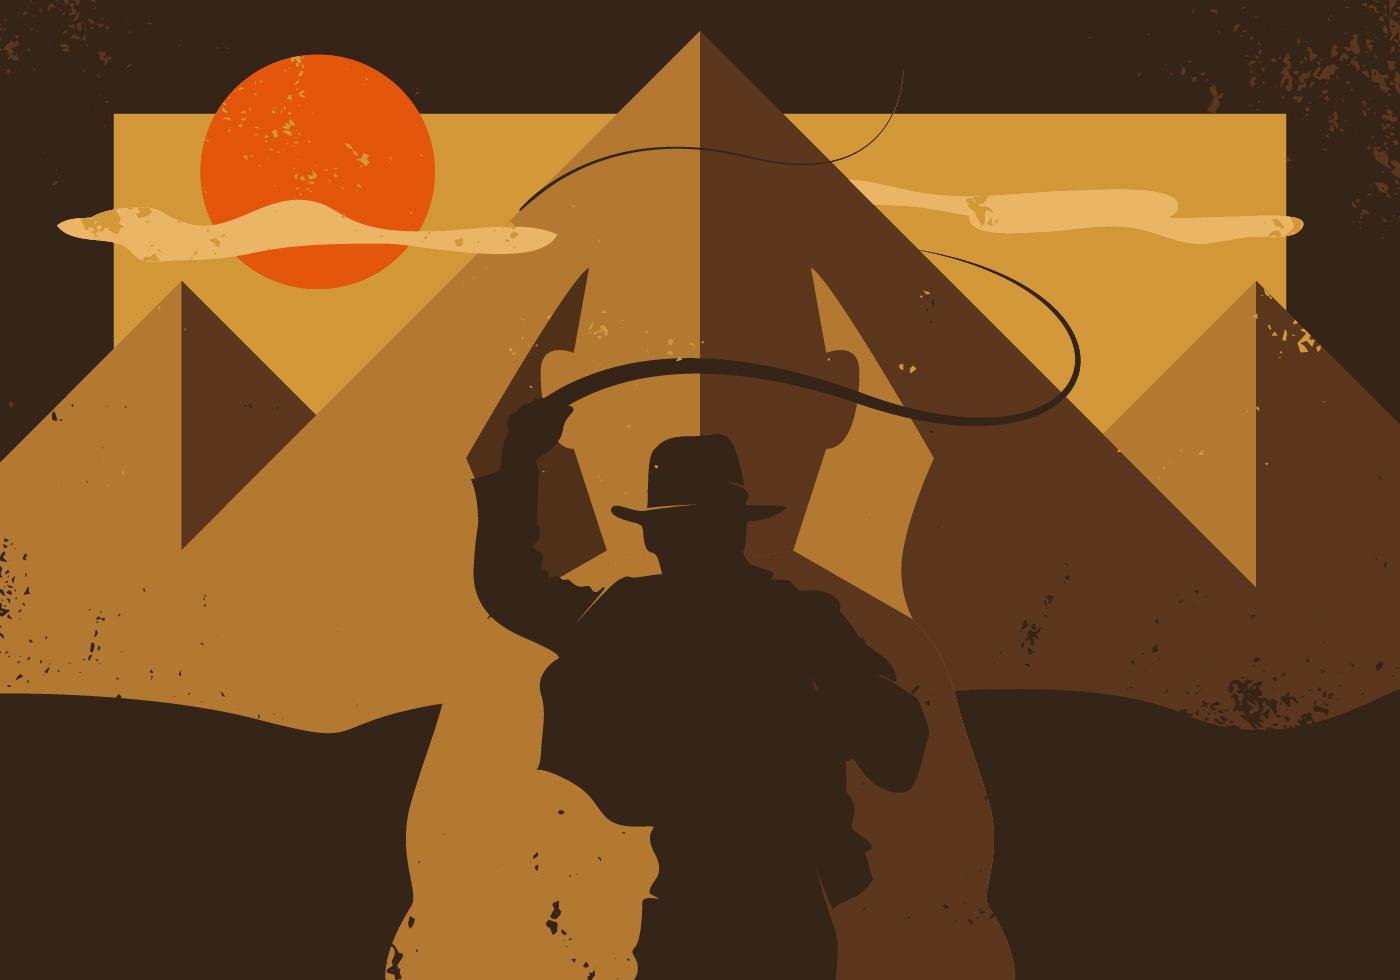 indiana jones raiders of the lost ark minimalist